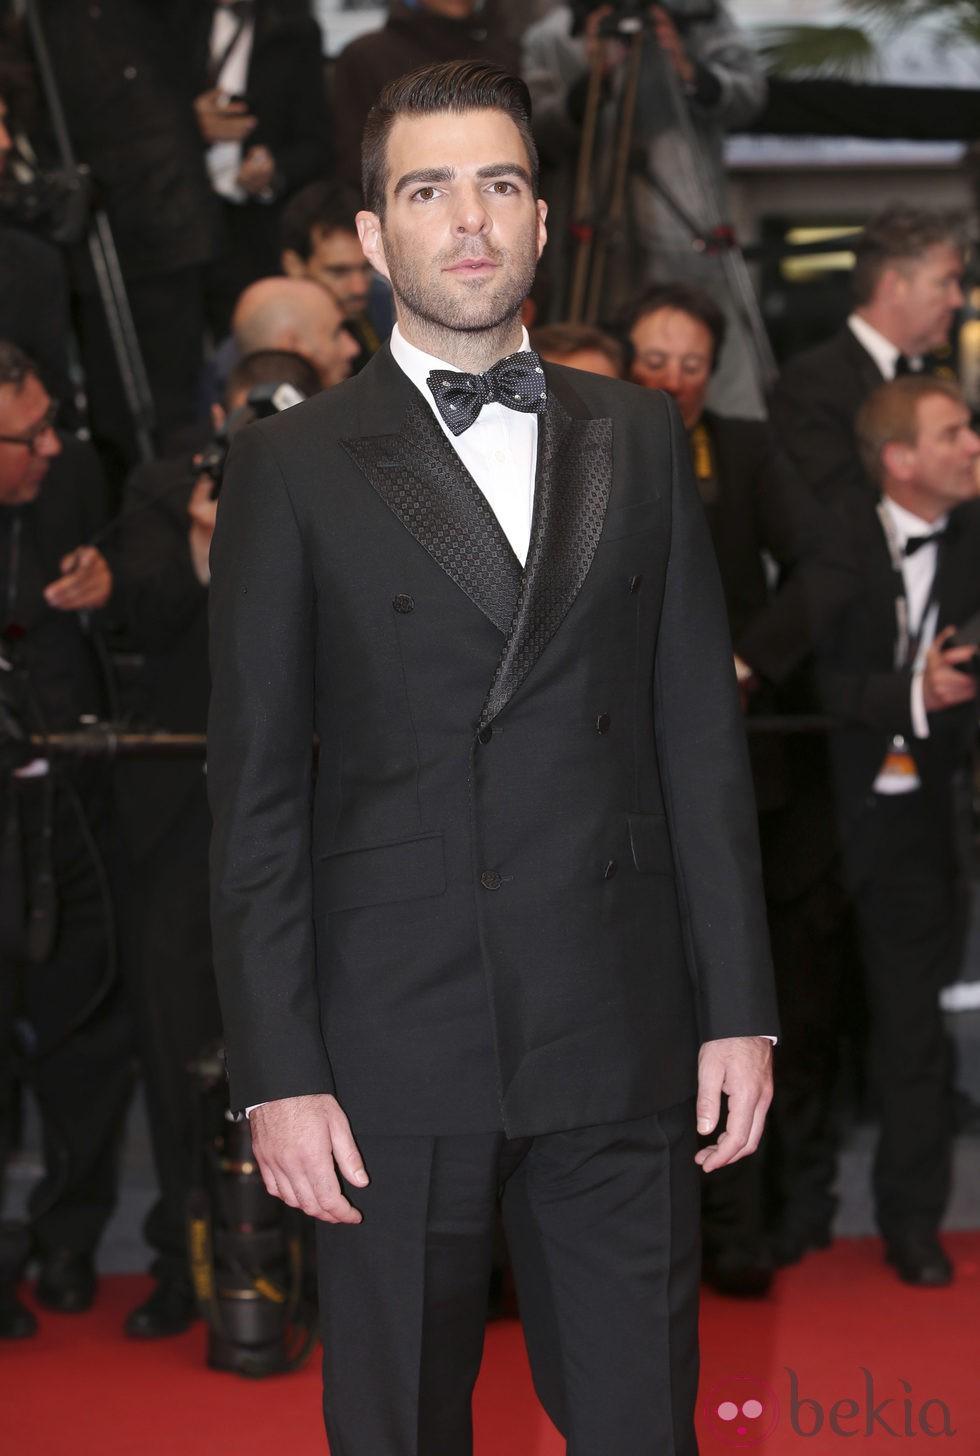 Zachary Quinto en el estreno de 'All is Lost' en el Festival de Cannes 2013